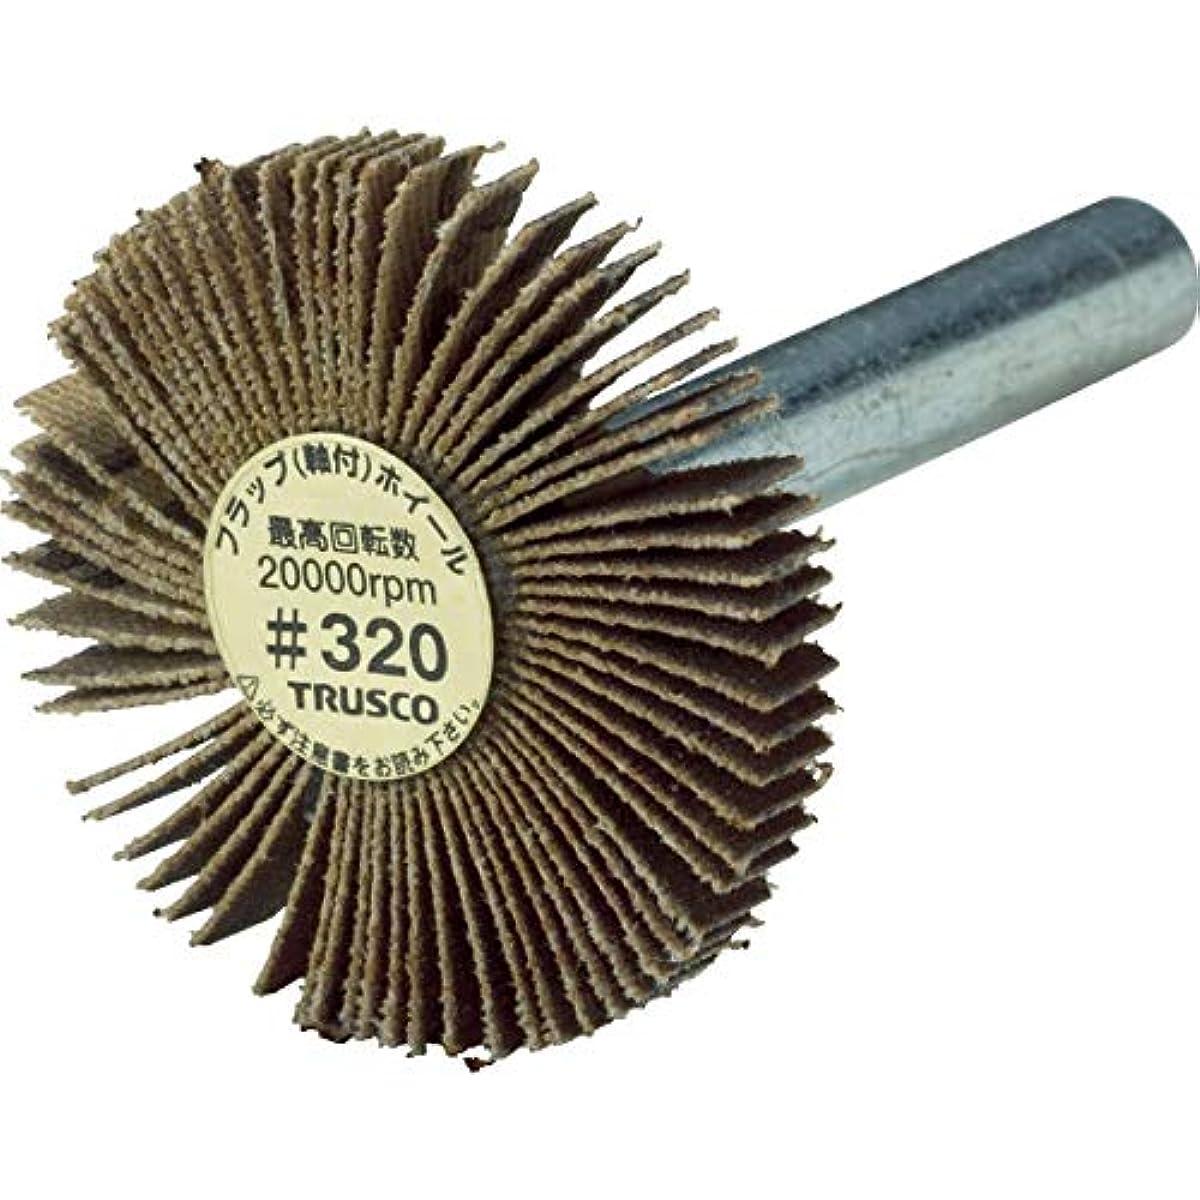 に無効デコラティブTRUSCO(トラスコ) 薄型フラップホイール 30X5X6#320 5個入 UF3005320